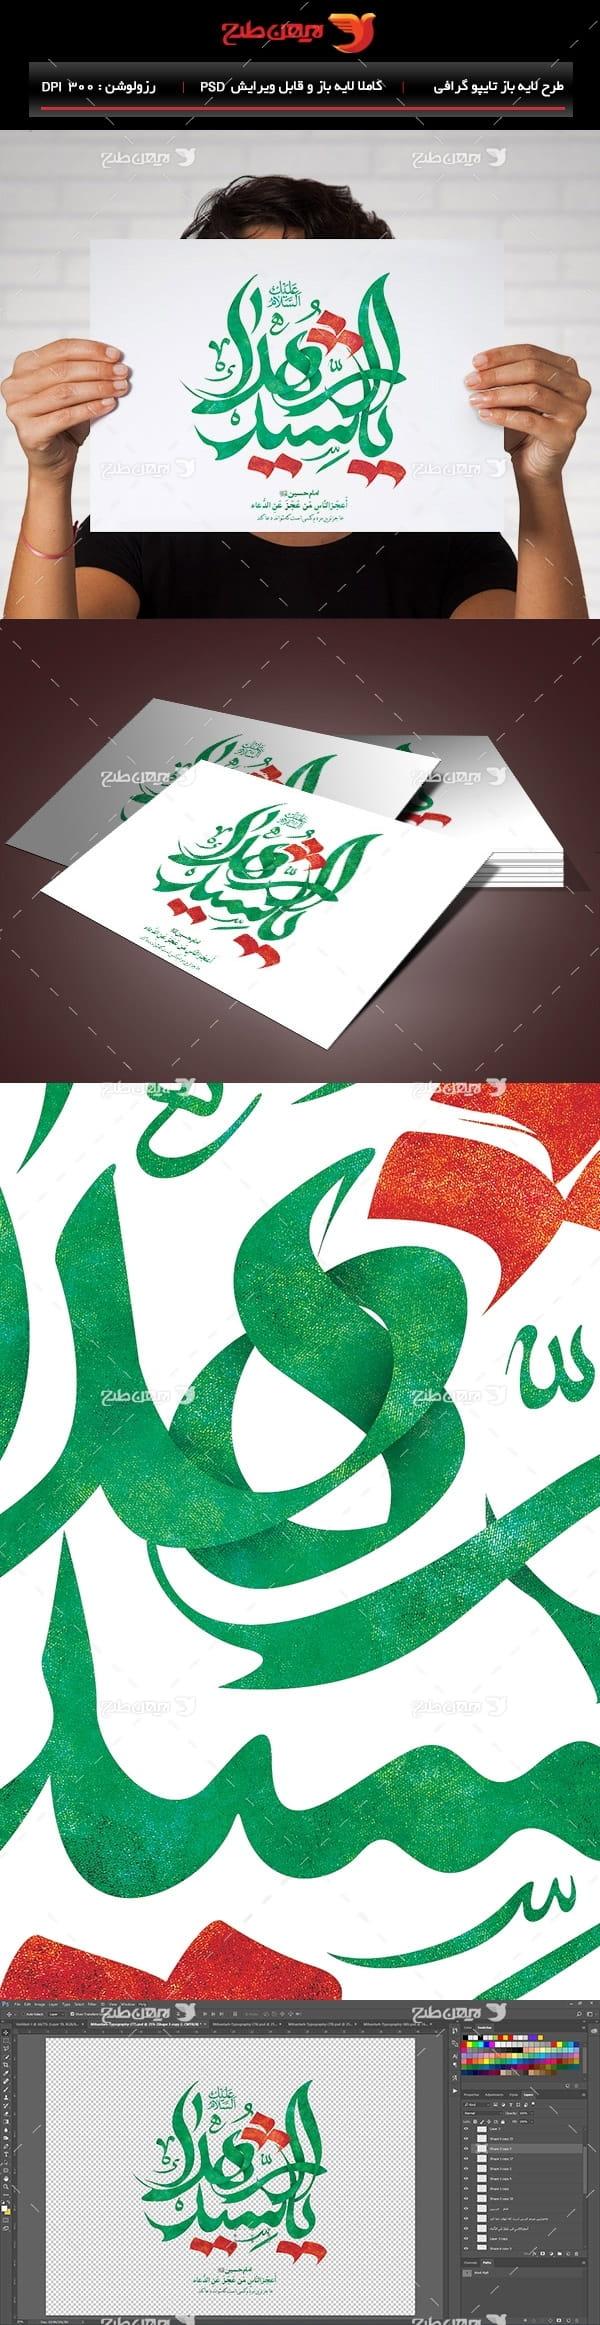 طرح لایه باز تایپوگرافی و خطاطی نام سید الشهدا